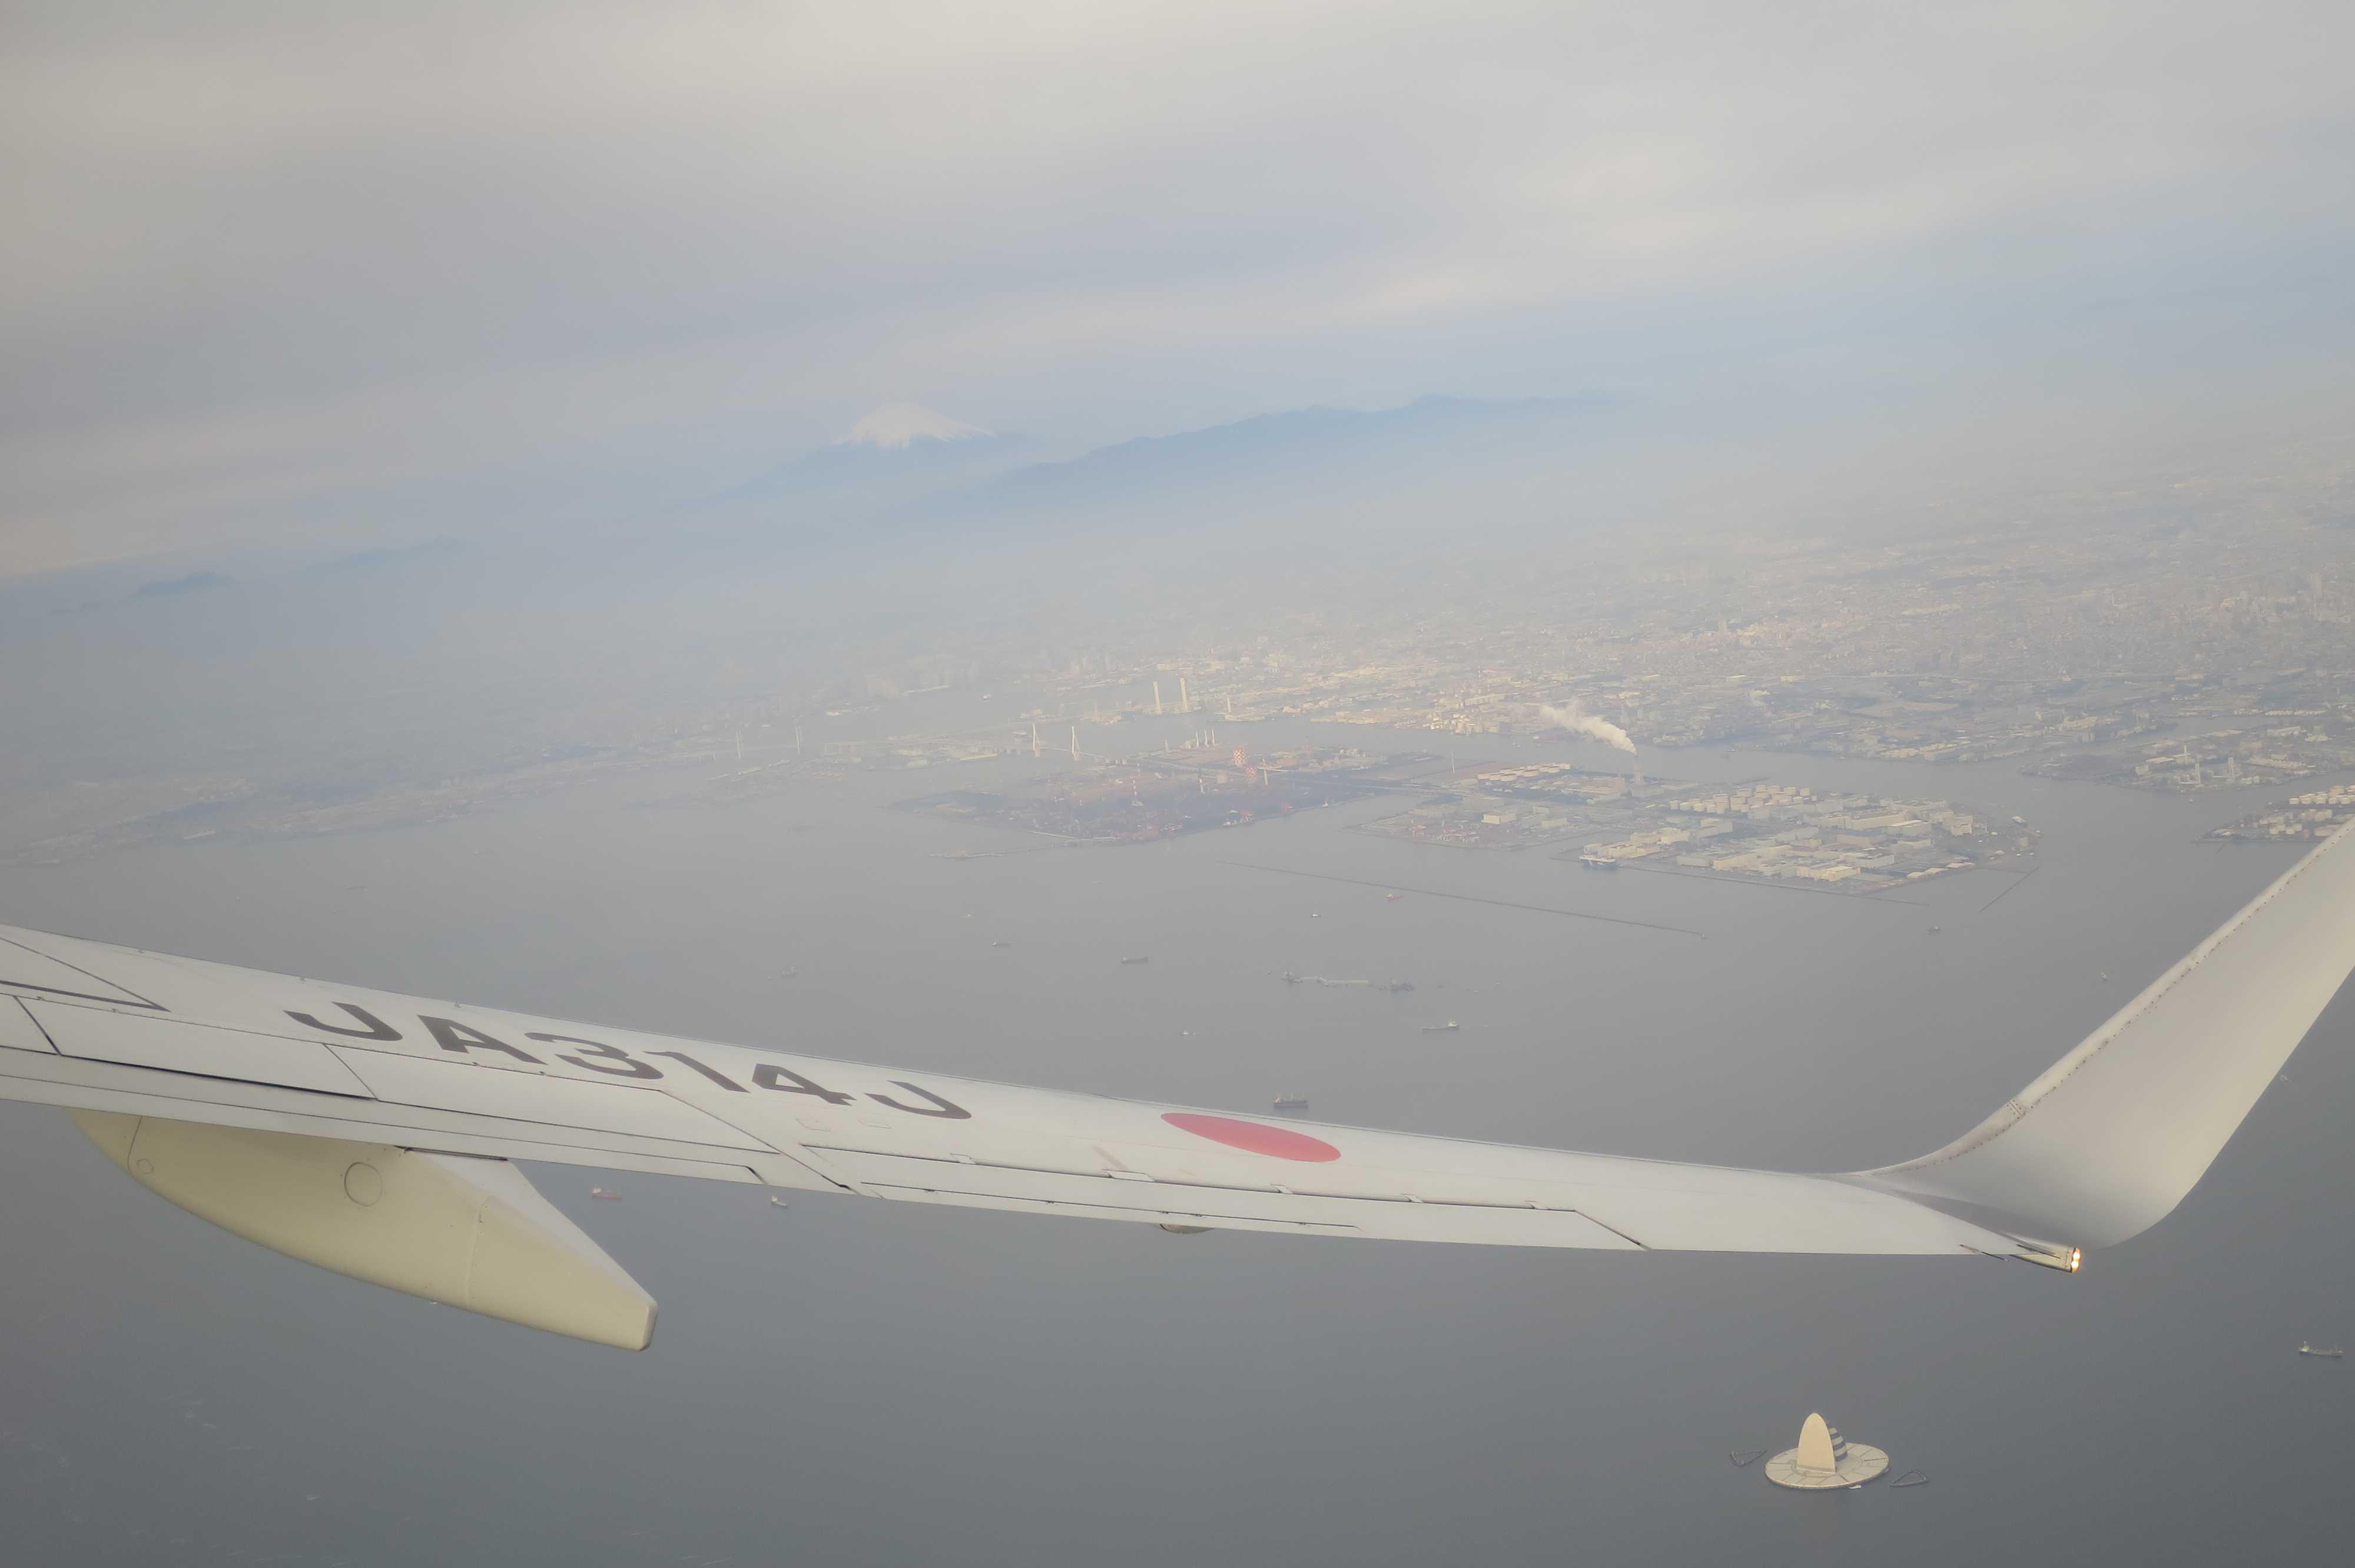 東京湾アクアラインの「風の塔(川崎人工島)」